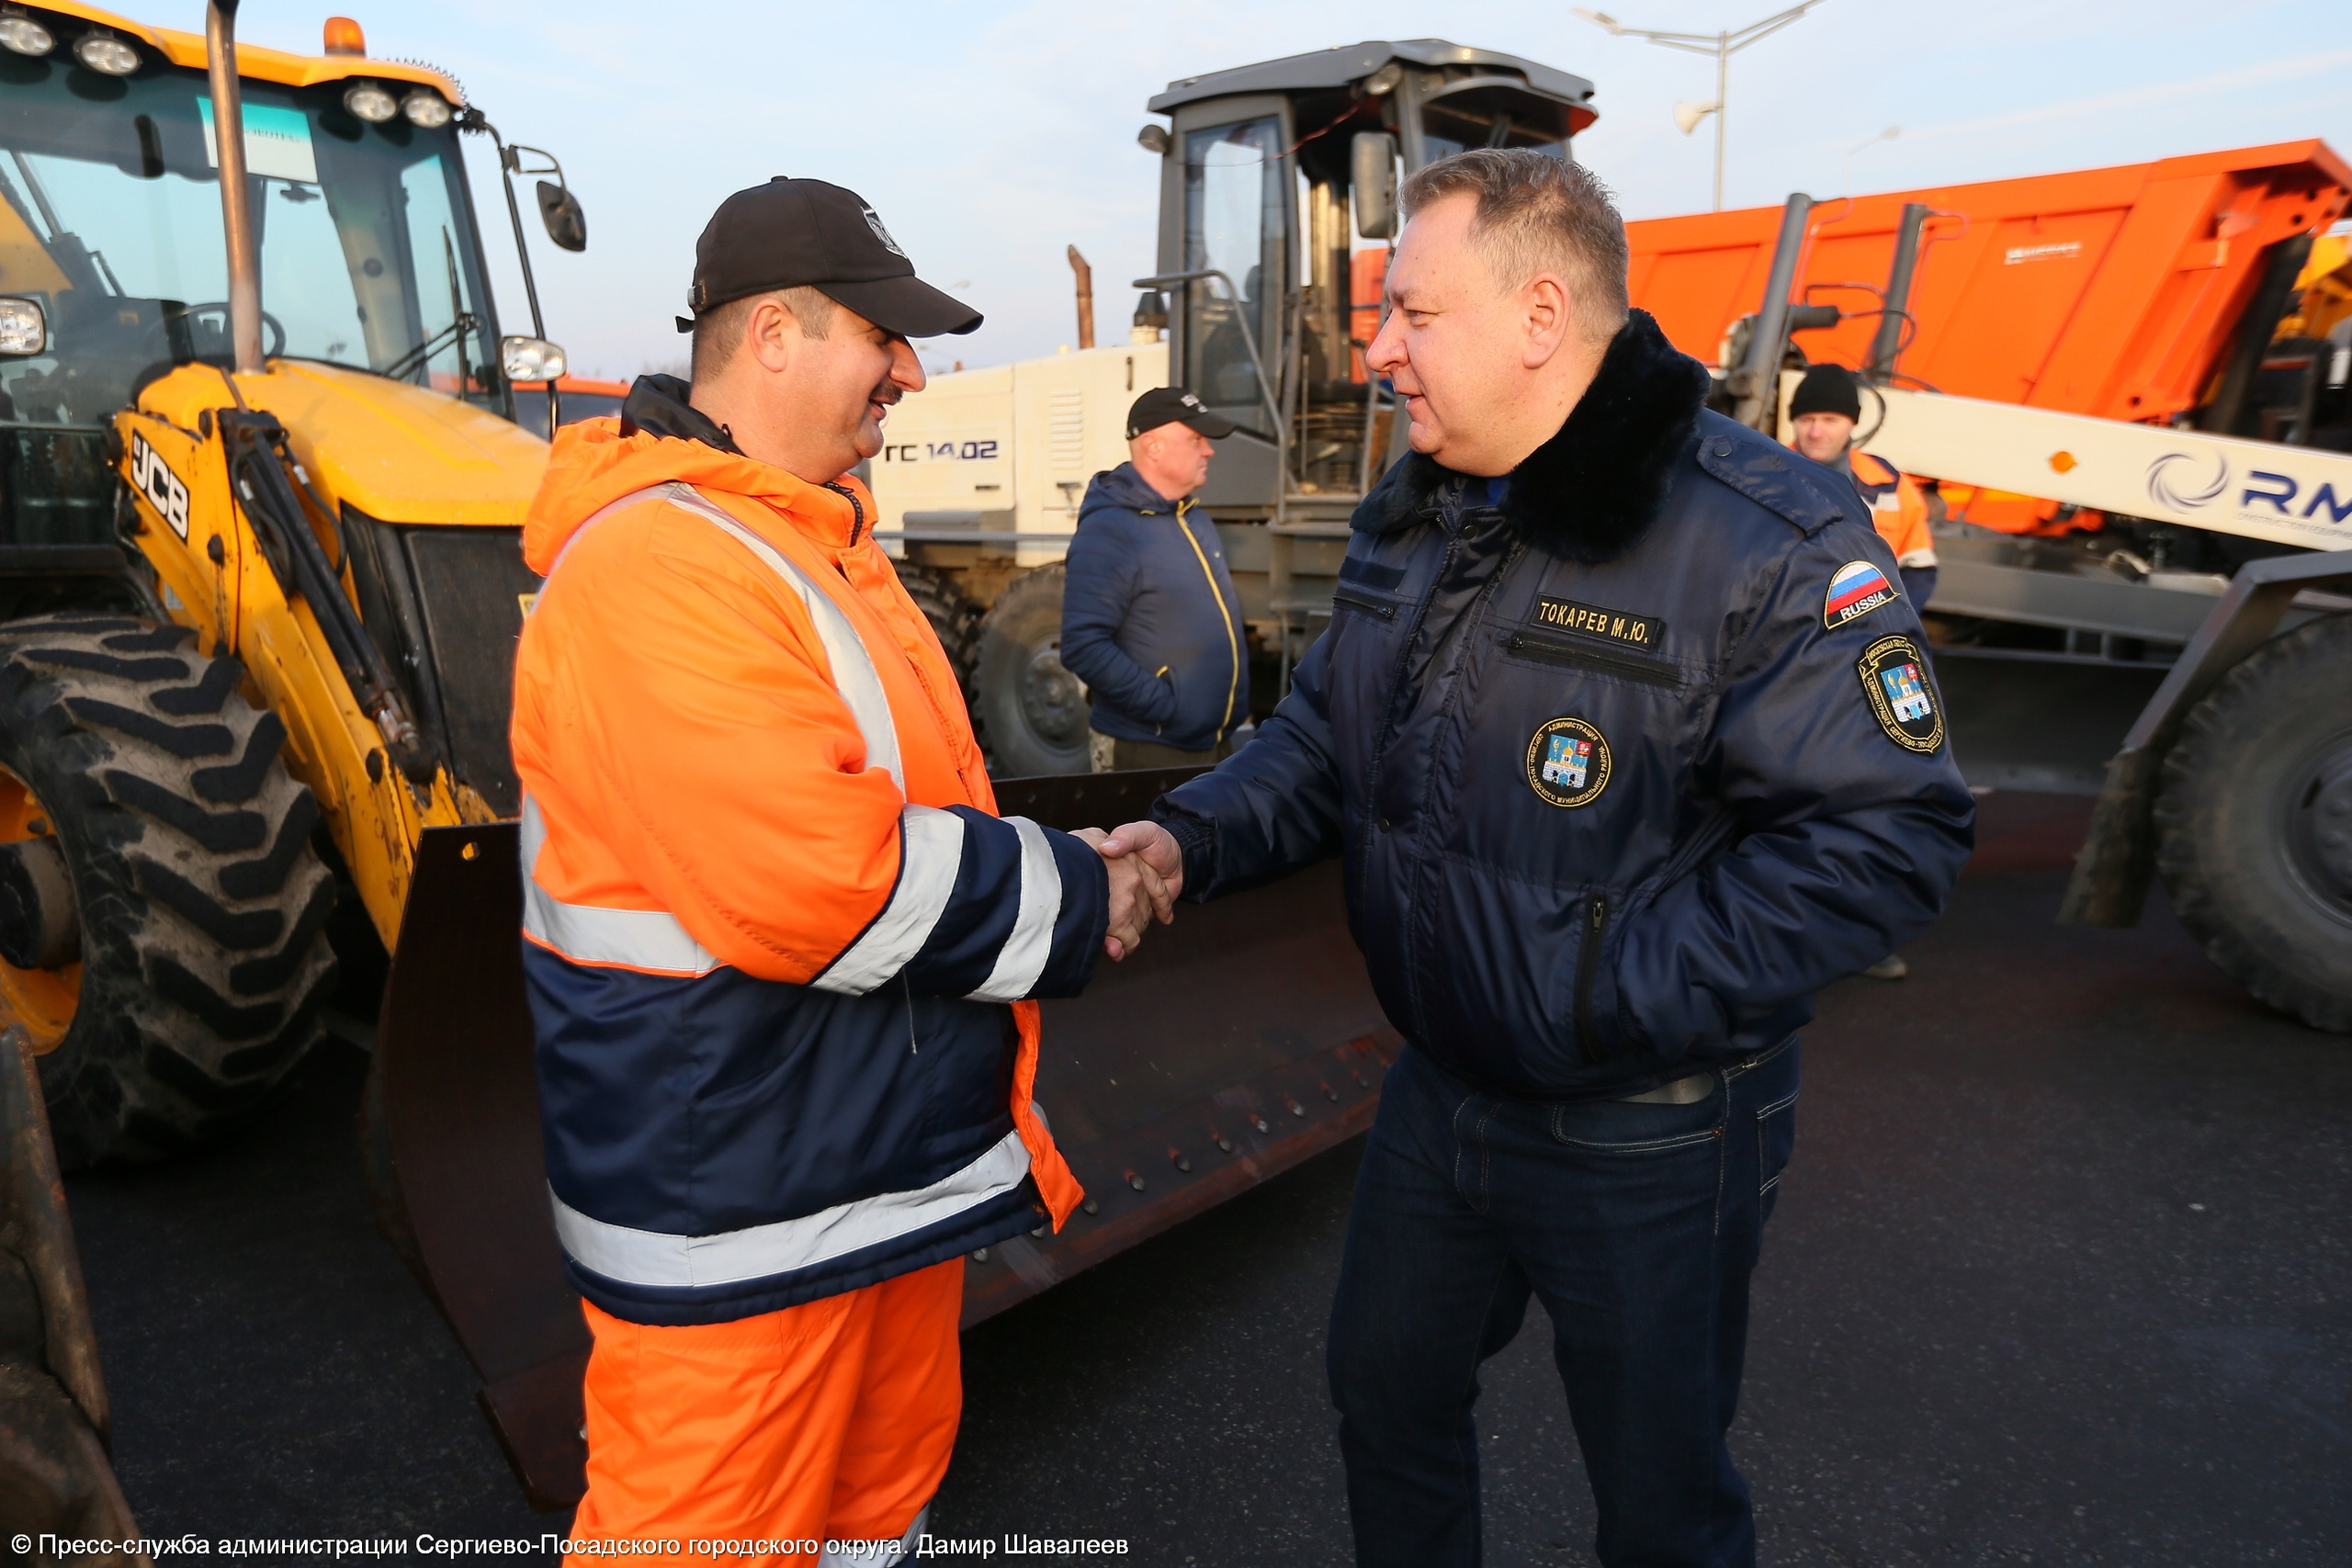 Михаил Токарев: «Сергиево-Посадский городской округ к зиме